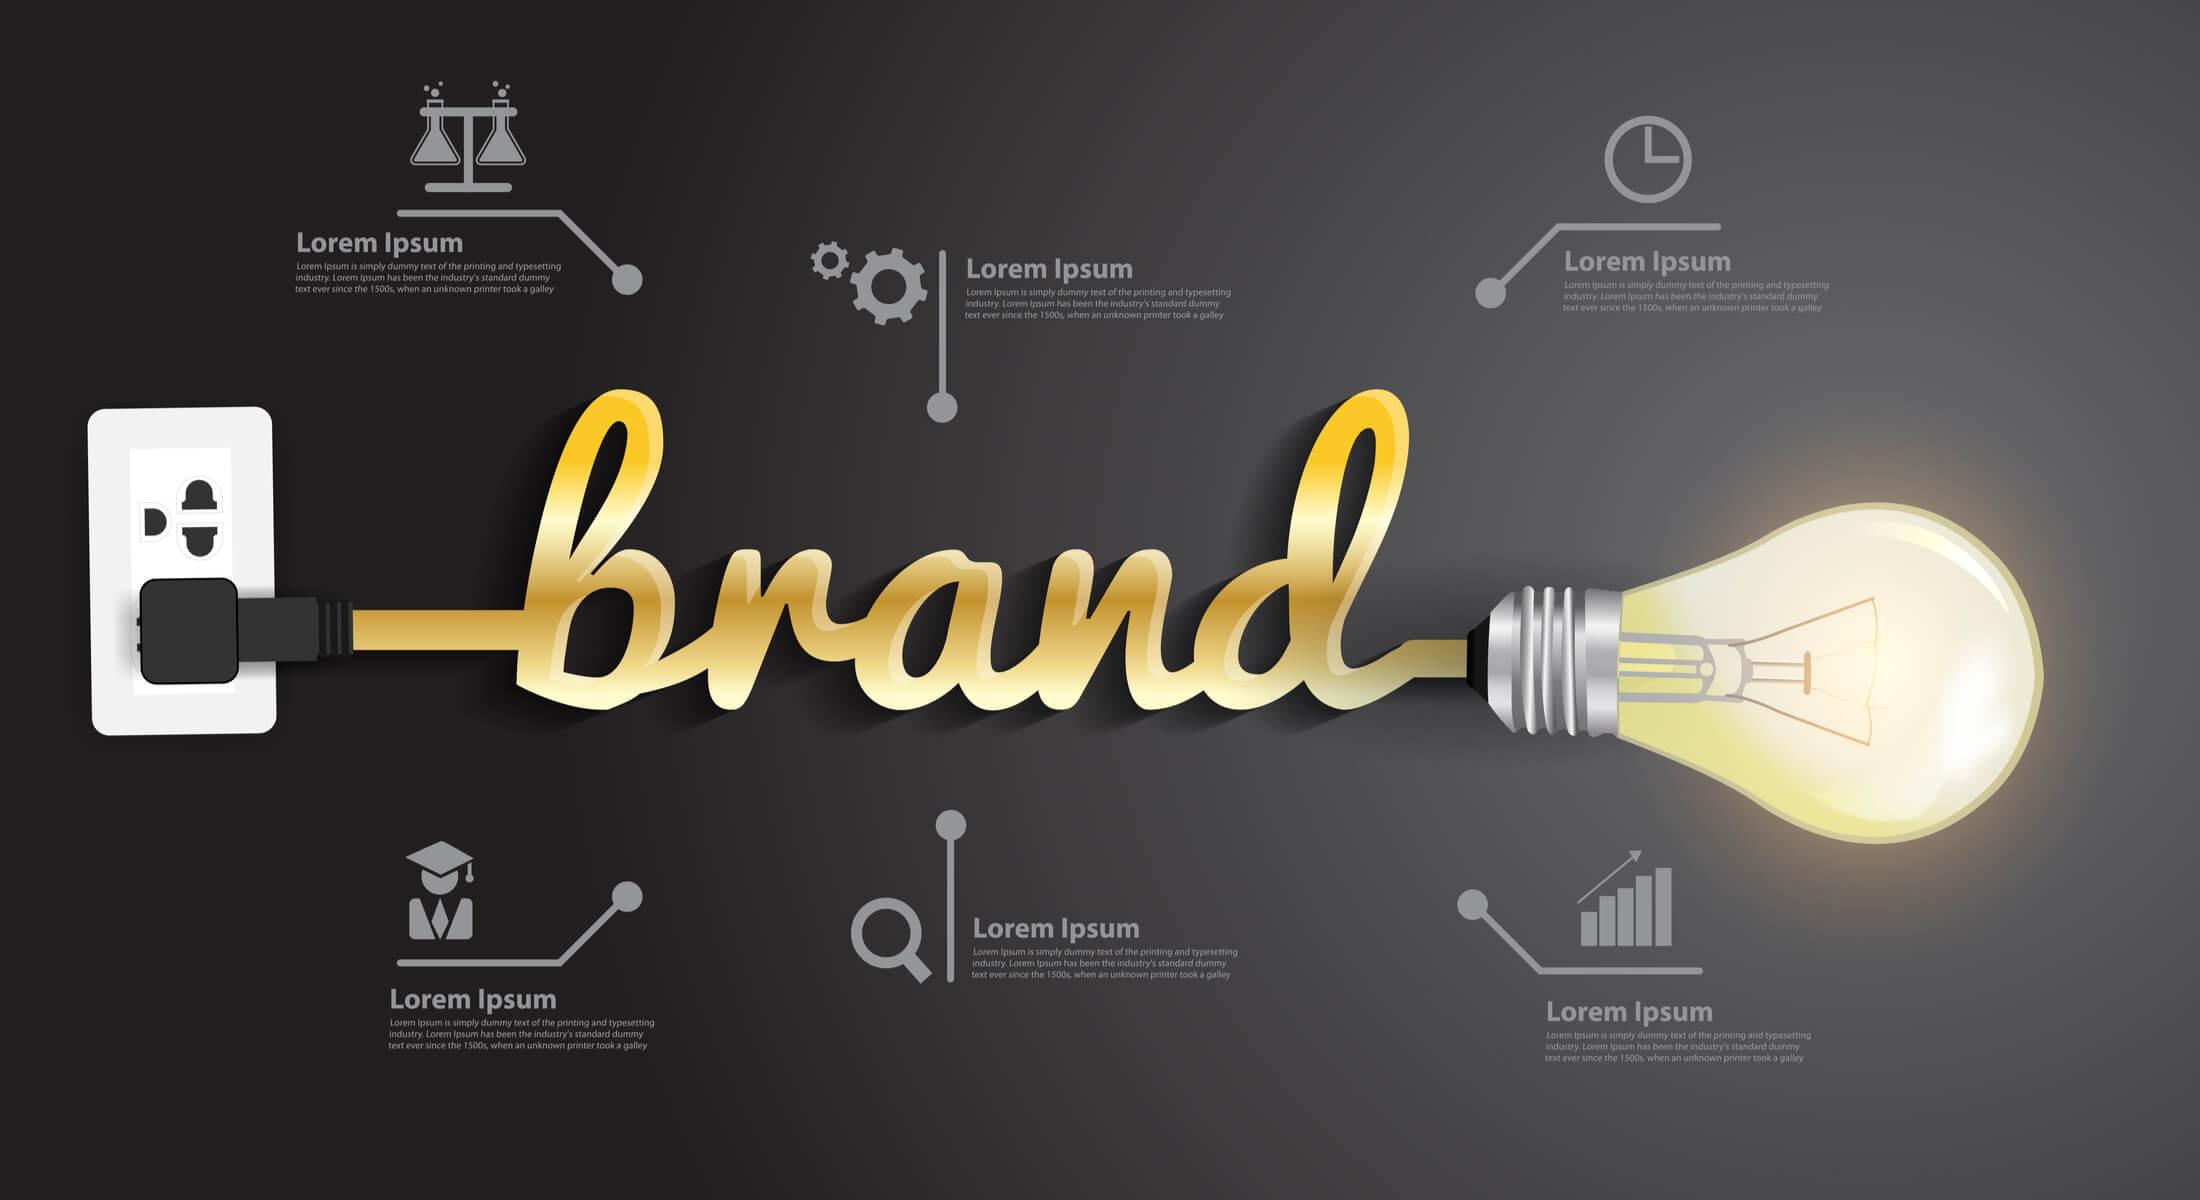 ilustração do título de marca e processos